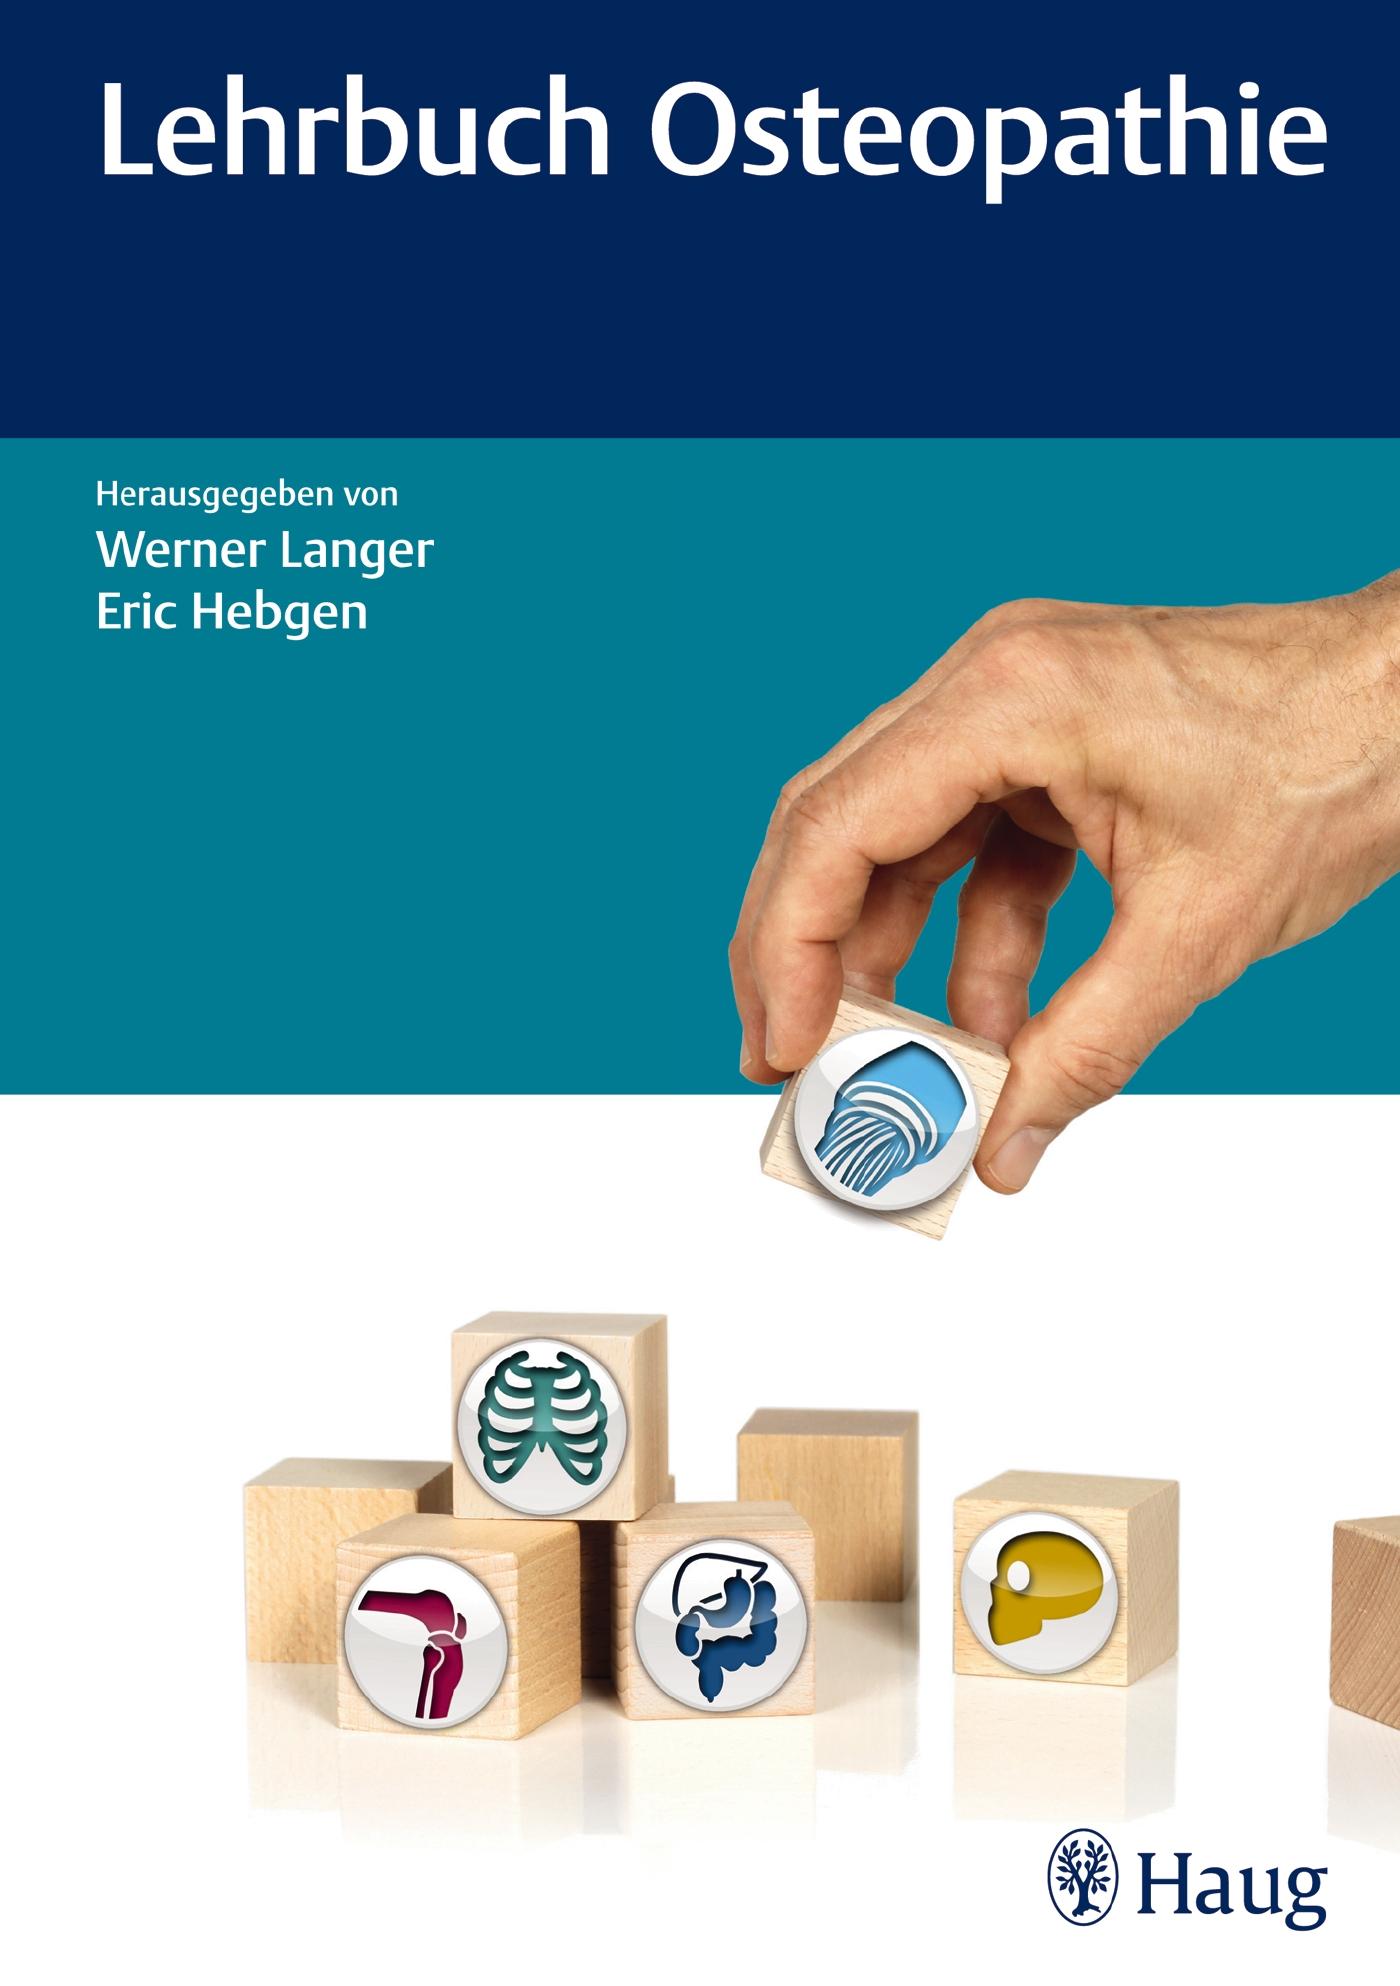 Lehrbuch Osteopathie - Werner Langer